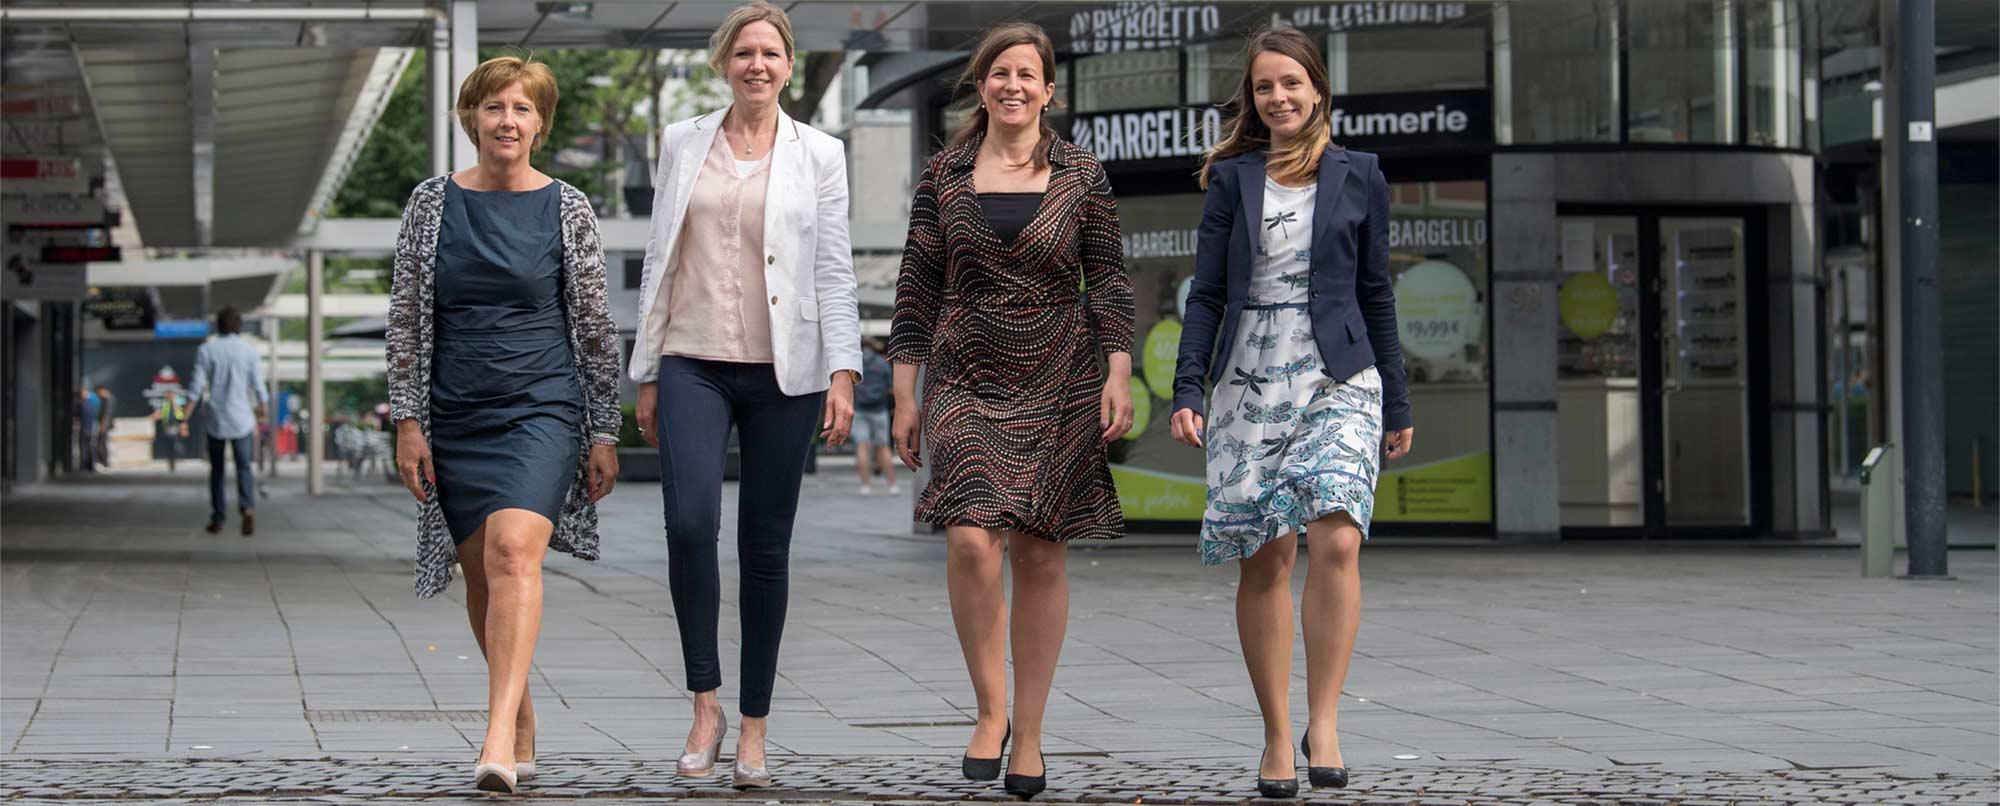 De vier leden van het team van UDSRotterdam, lopend in Rotterdam Centrum, op de pagina Over Ons van de website van de UDSRotterdam